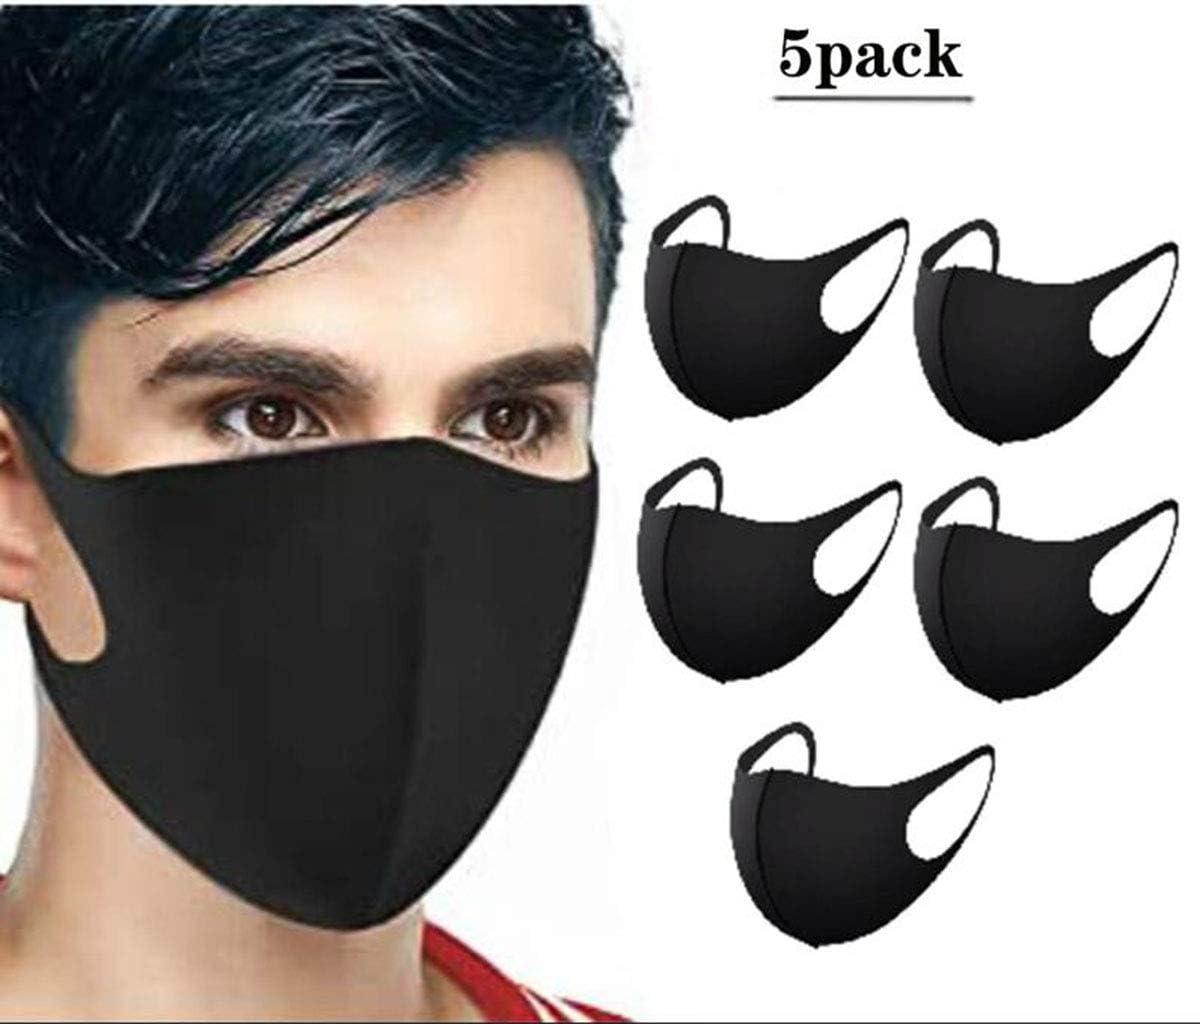 Máscara de la boca, de algodón mitad de la cara suave Máscara lavable anti-niebla de polvo Manera Protección de Kawaii La máscara fresca del oso de panda para hombres y mujeres (Paquete de 5) negro